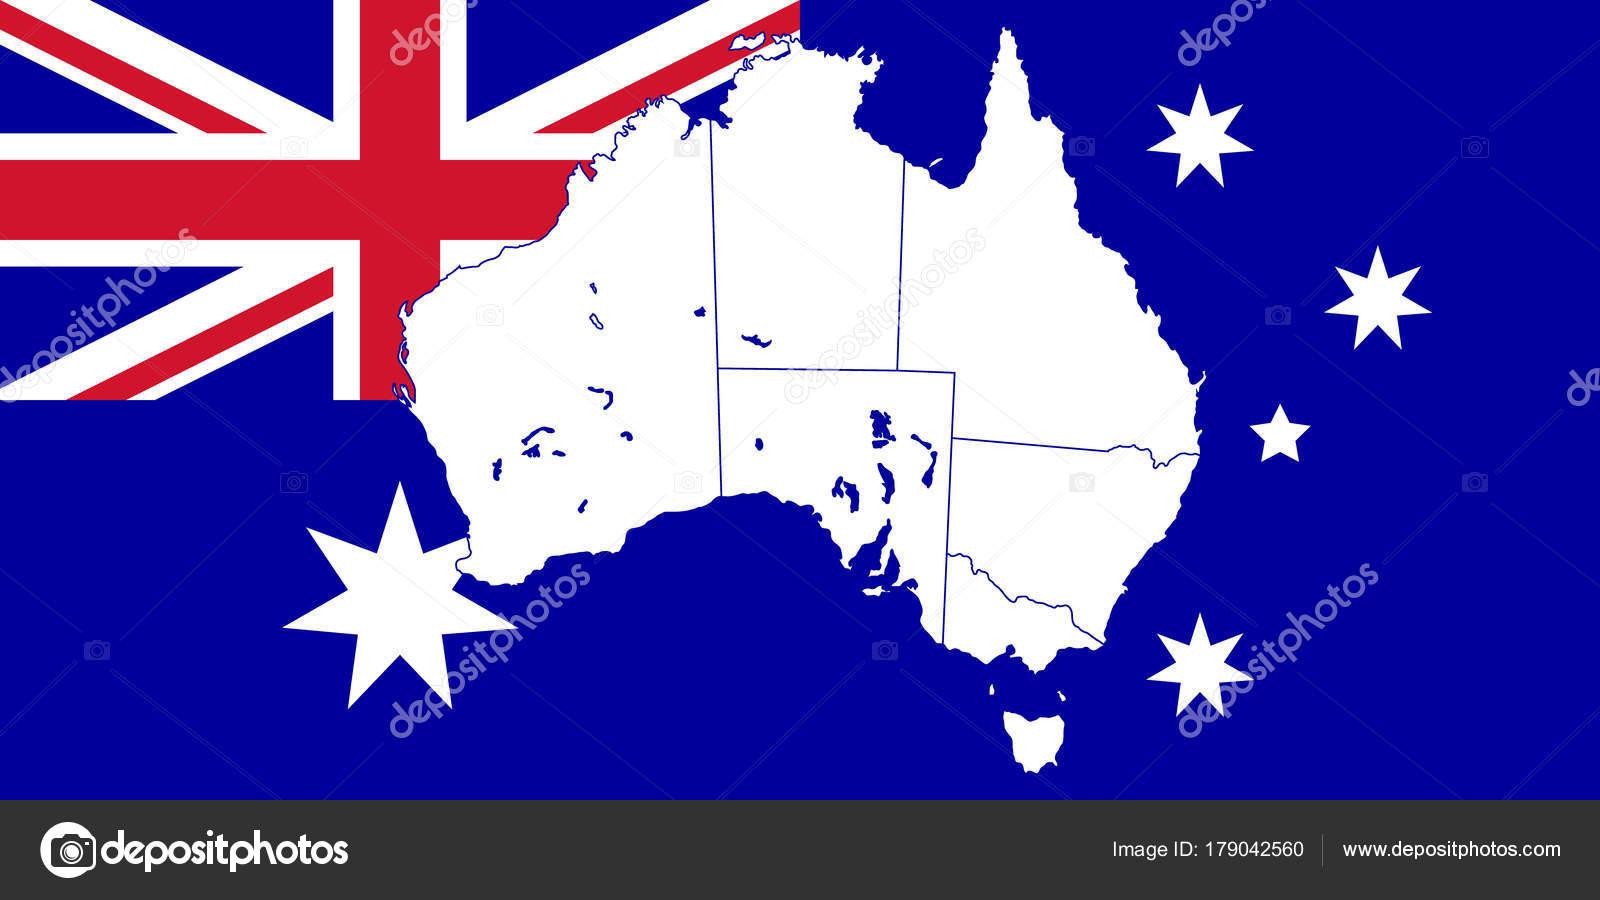 Carte Australie Drapeau.Carte Et Drapeau De L Australie Image Vectorielle